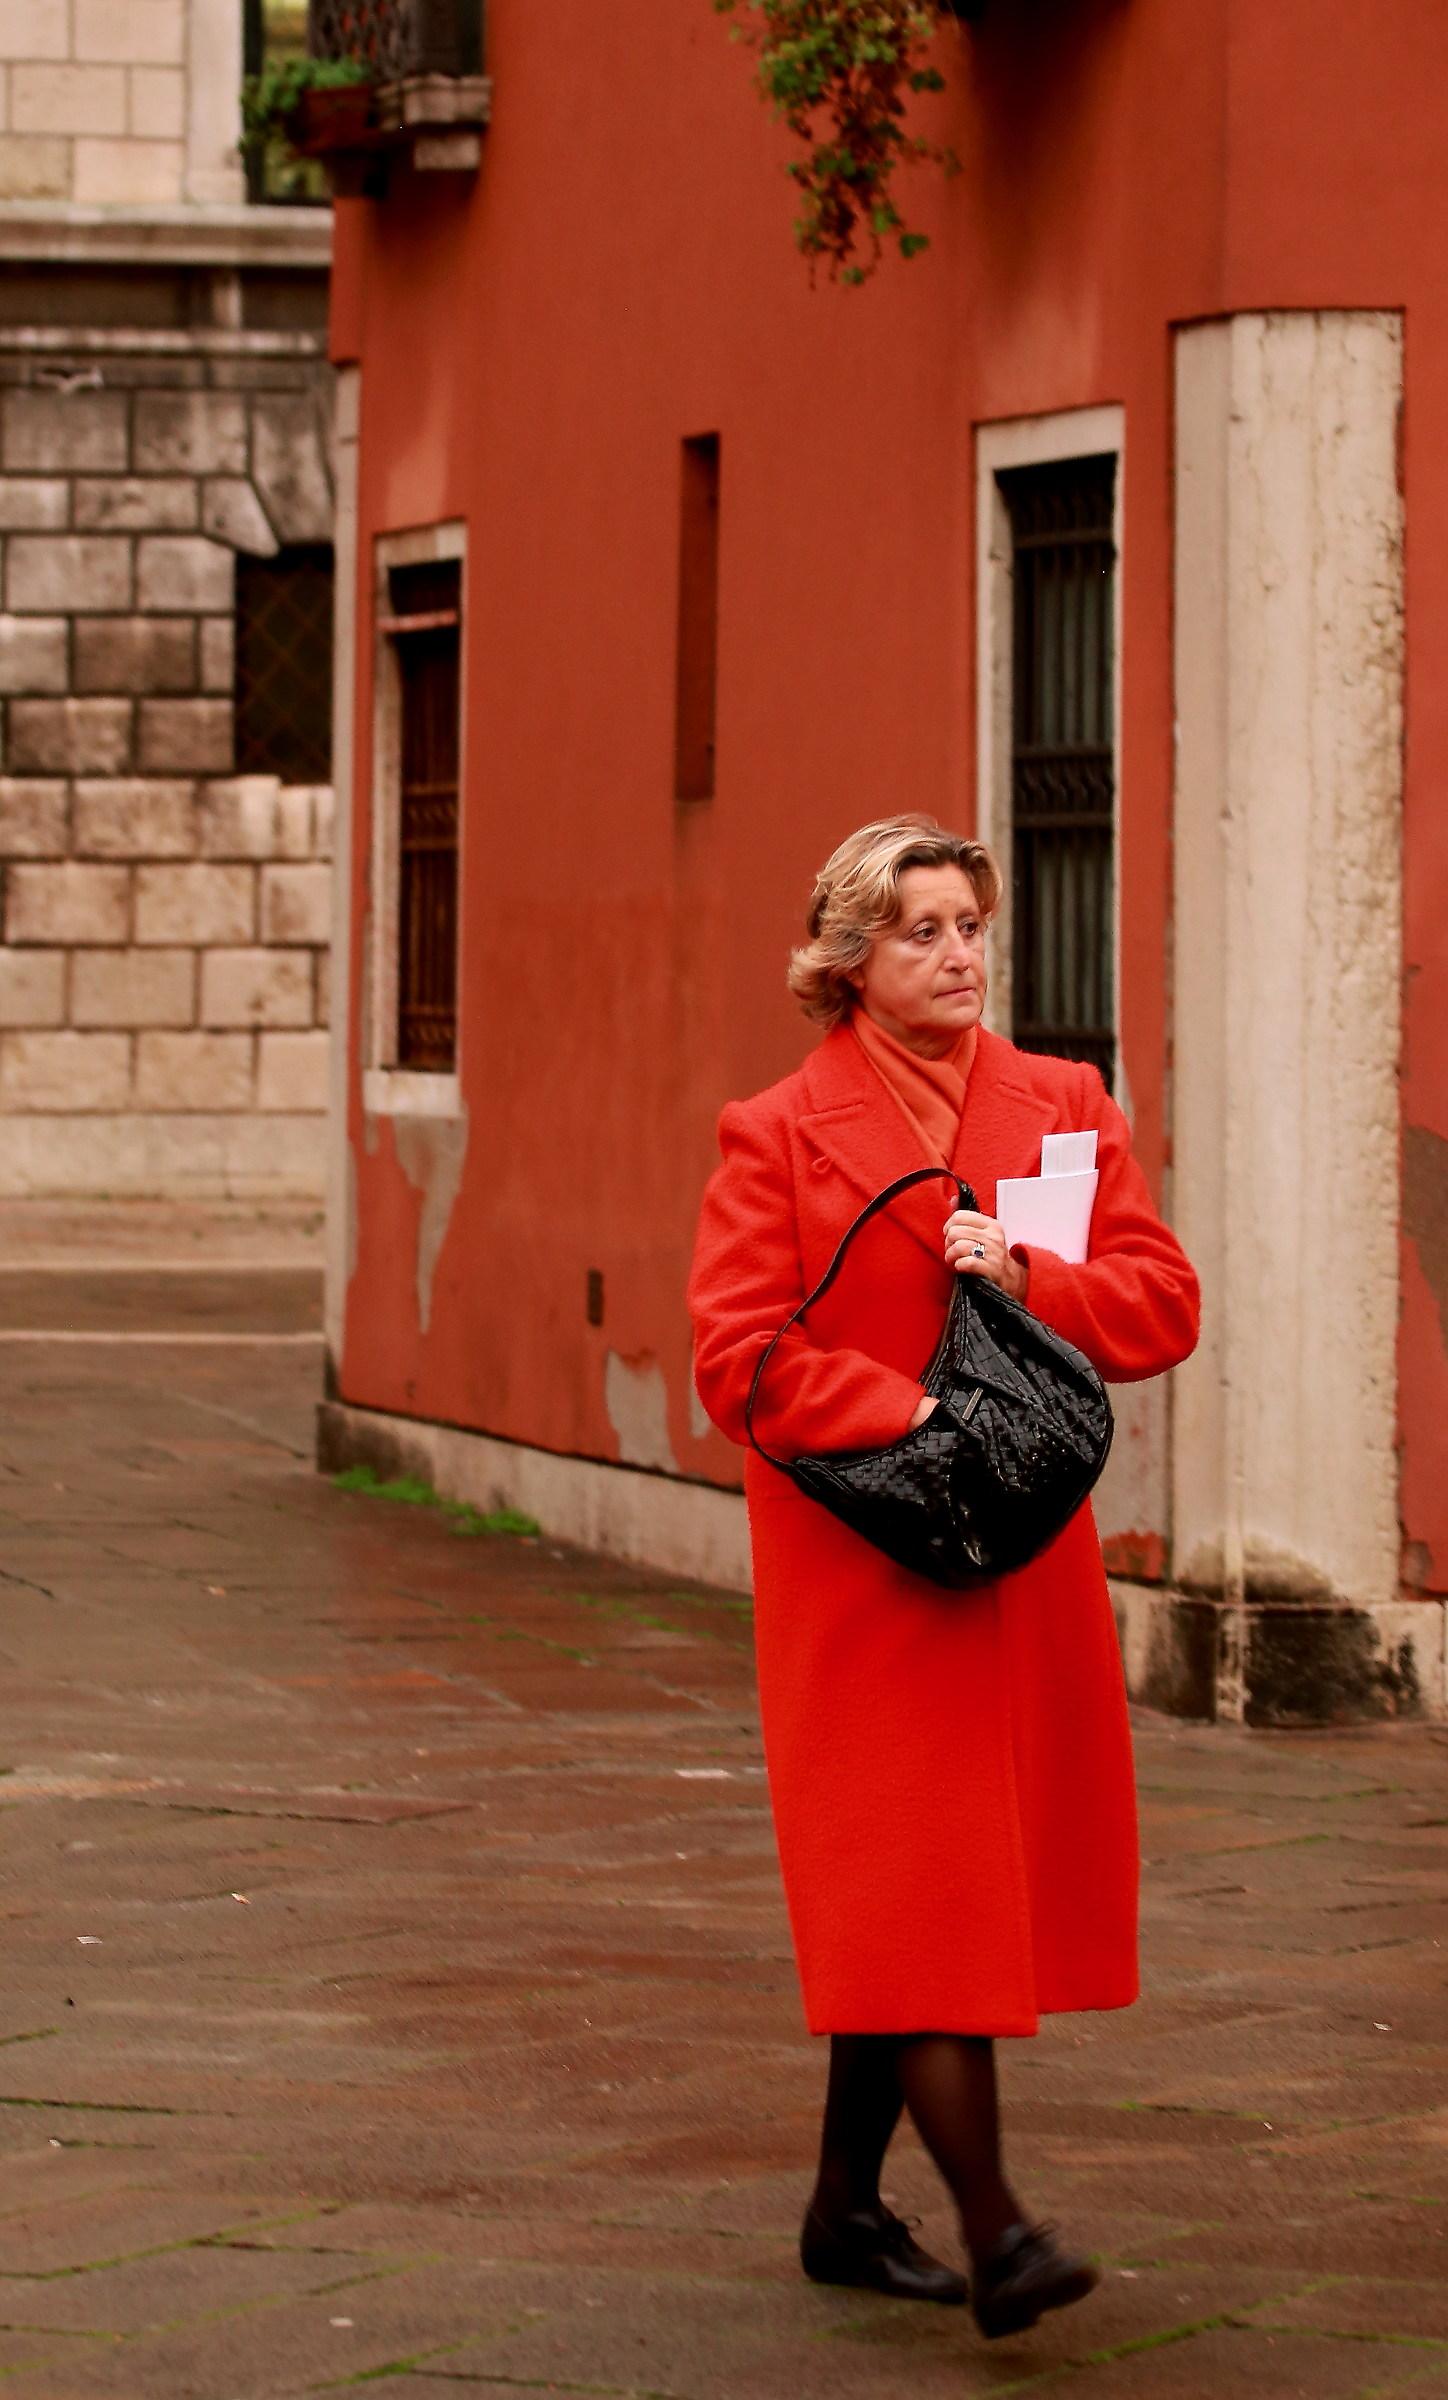 Muro rosso, cappotto rosso  JuzaPhoto